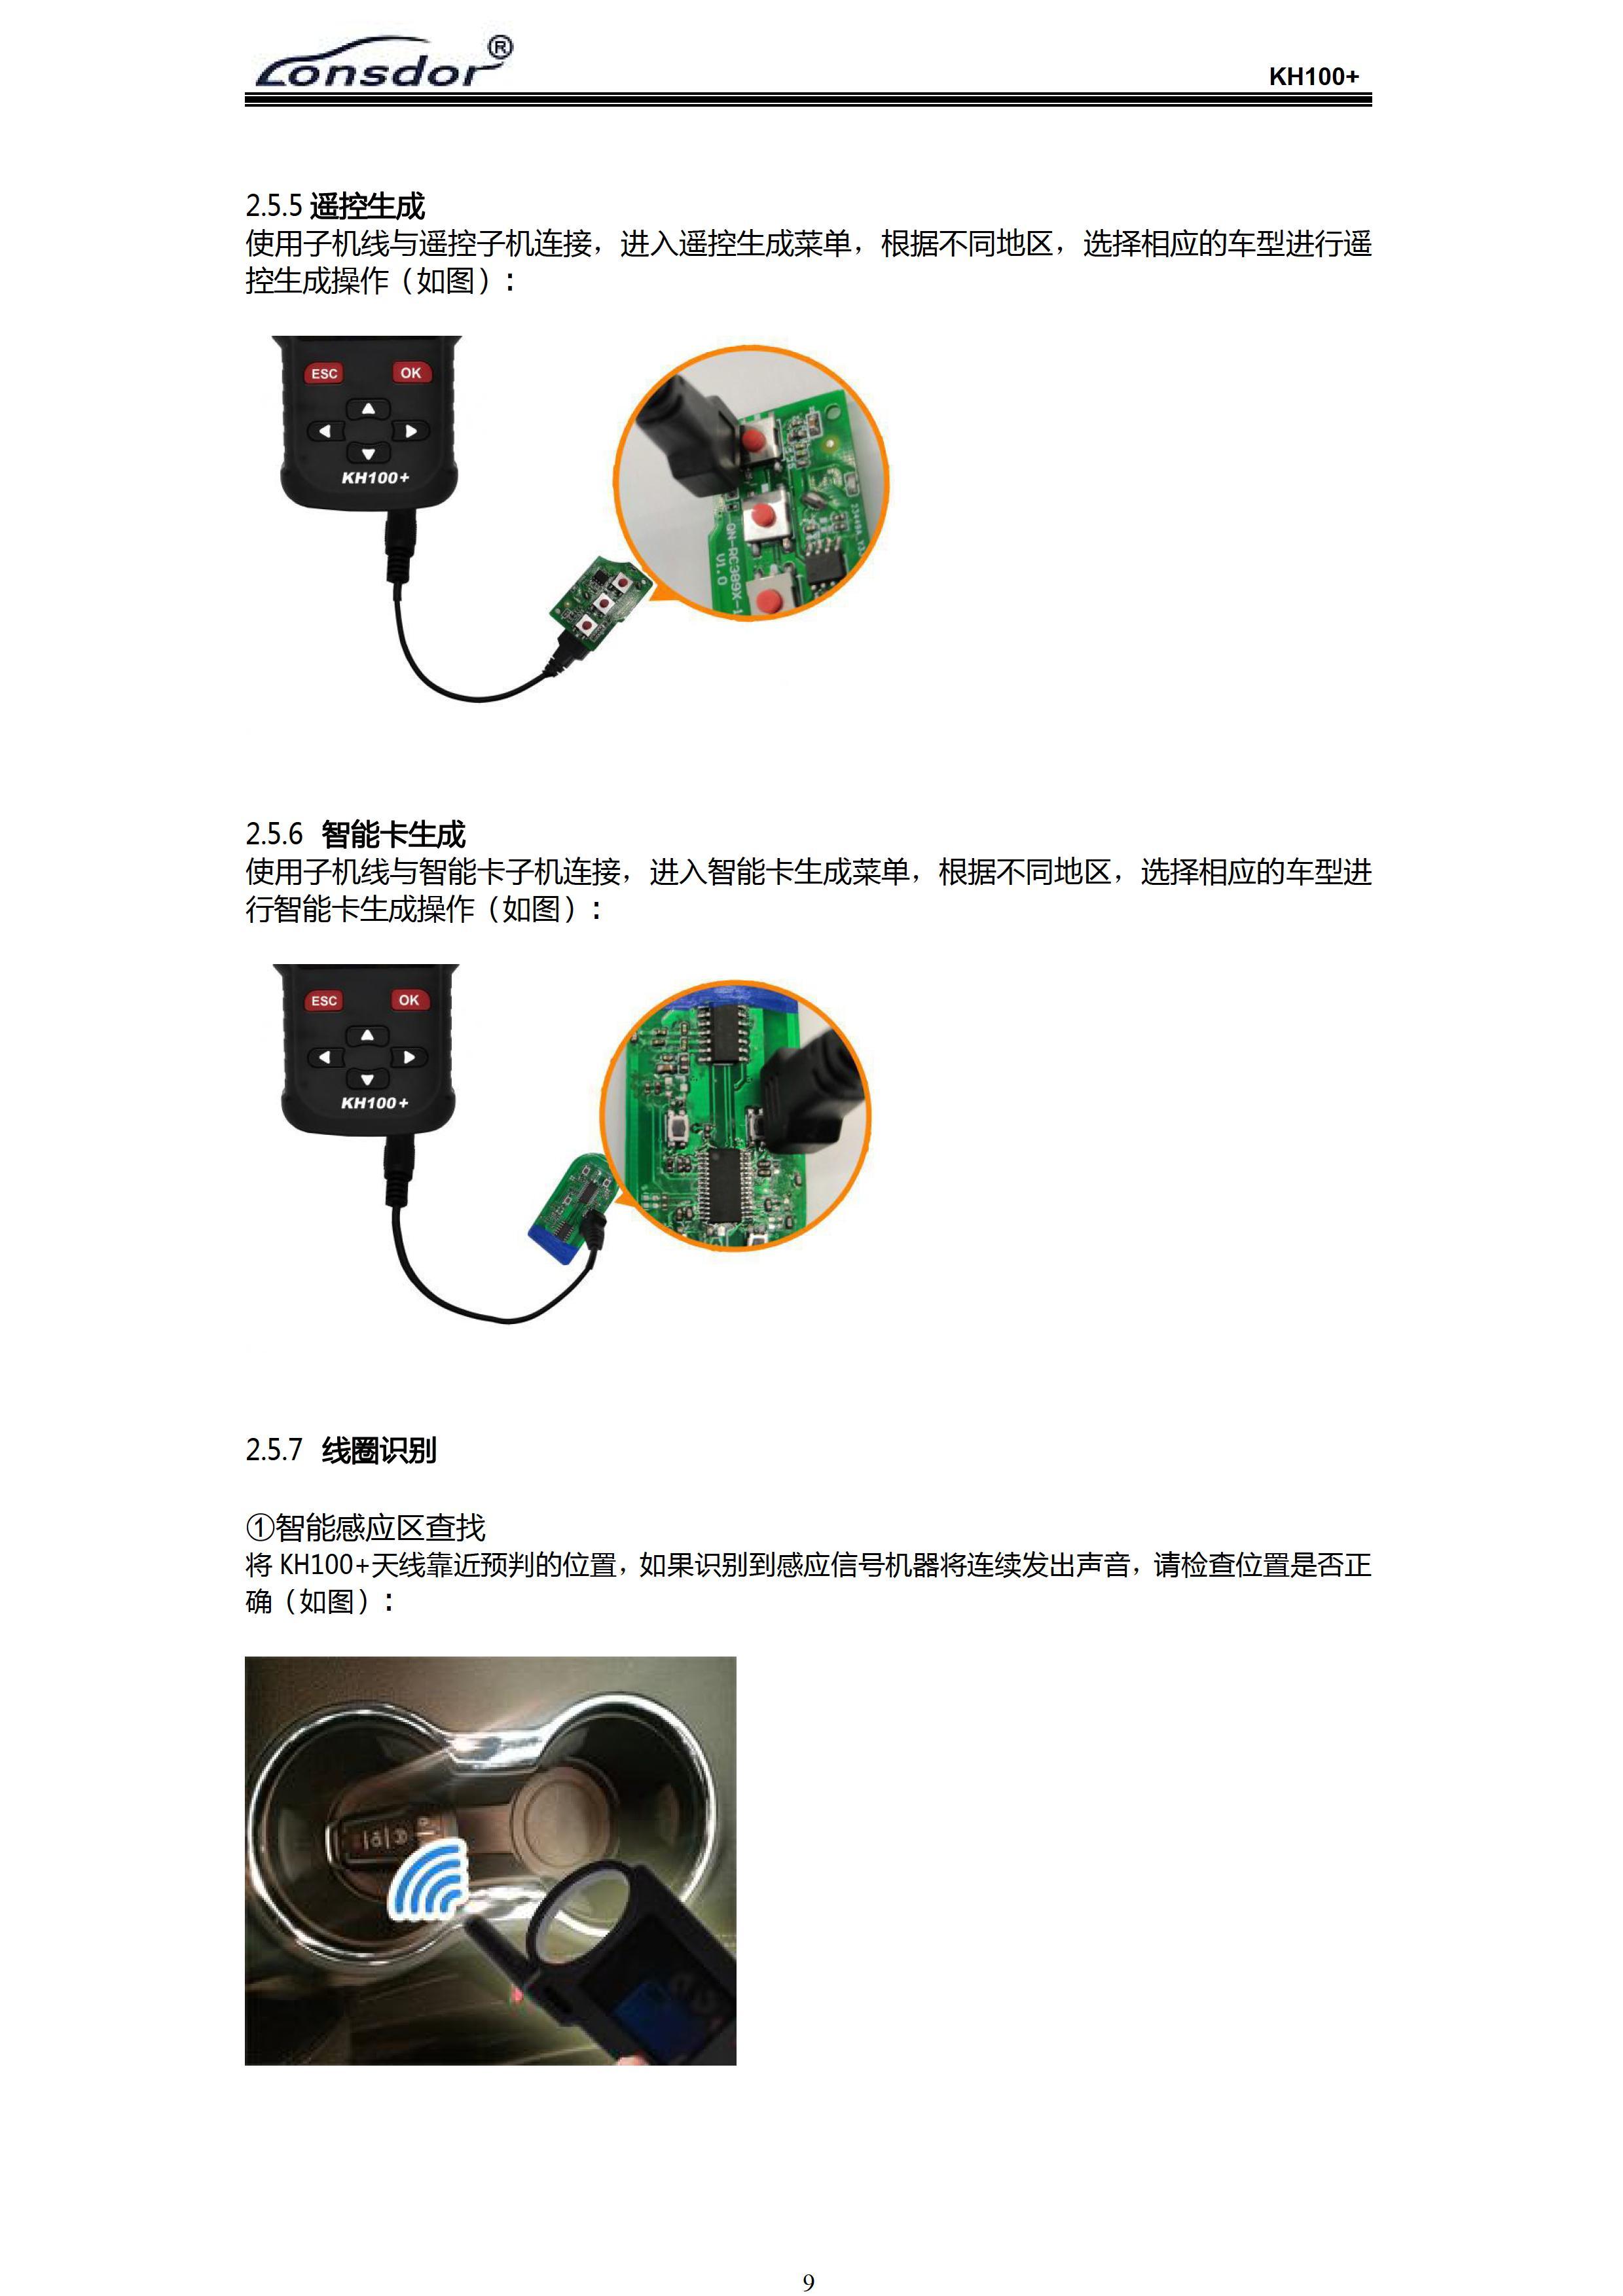 KH100说明书(110mmX75mm彩色印刷)正式版20200318 - 0010